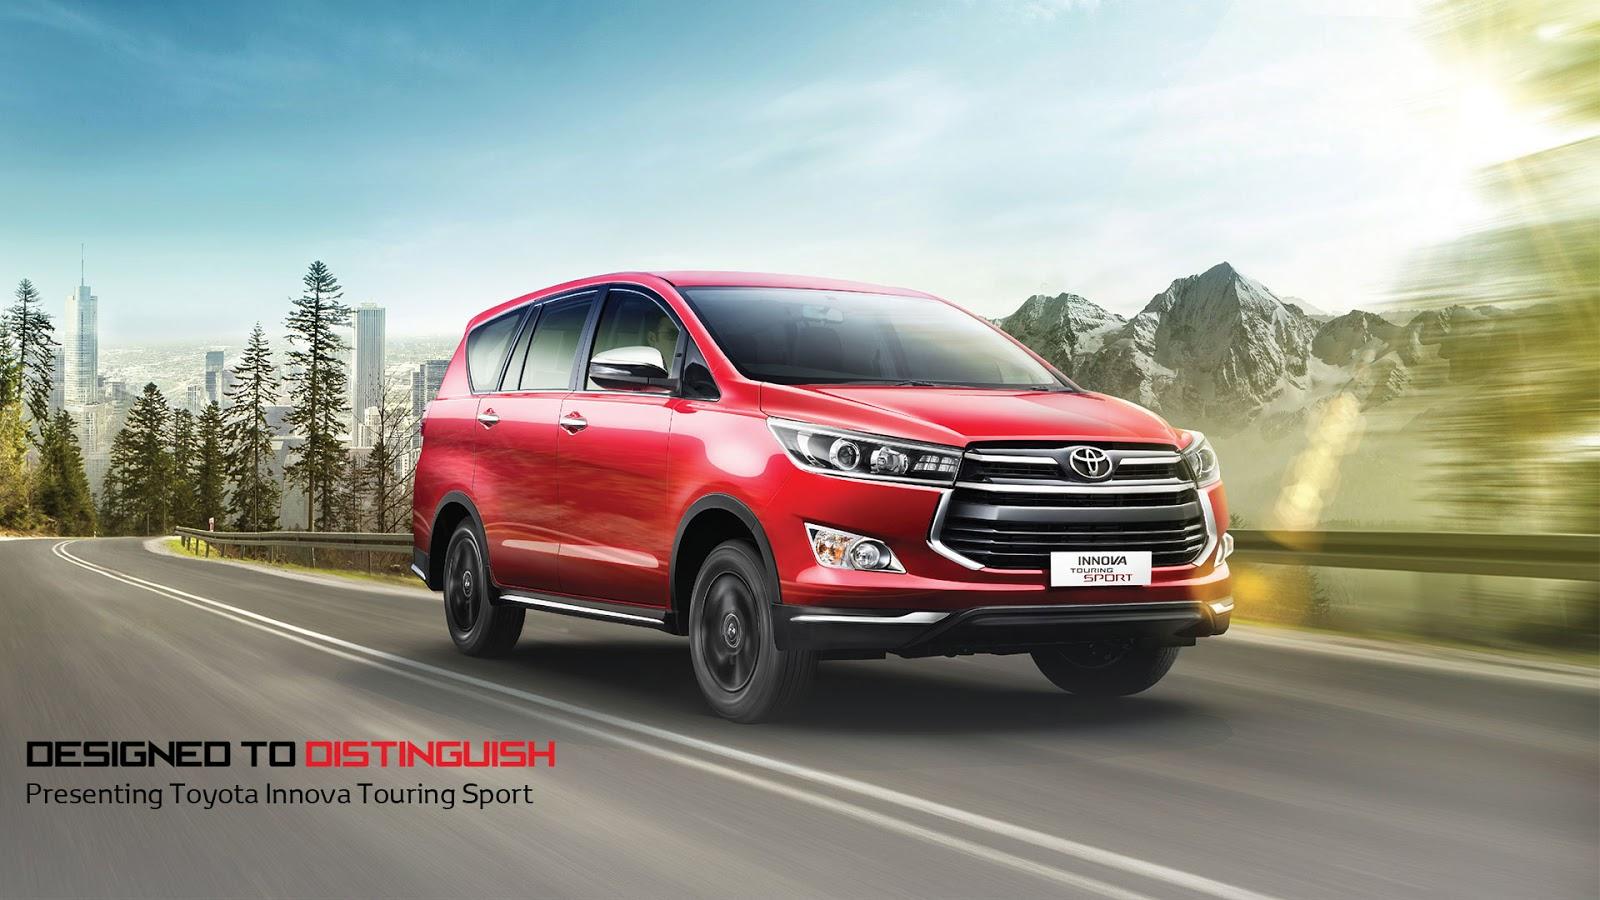 Konsumsi Bbm All New Kijang Innova Bensin Toyota Yaris Trd Sportivo Modif Utama Pilih Atau Diesel